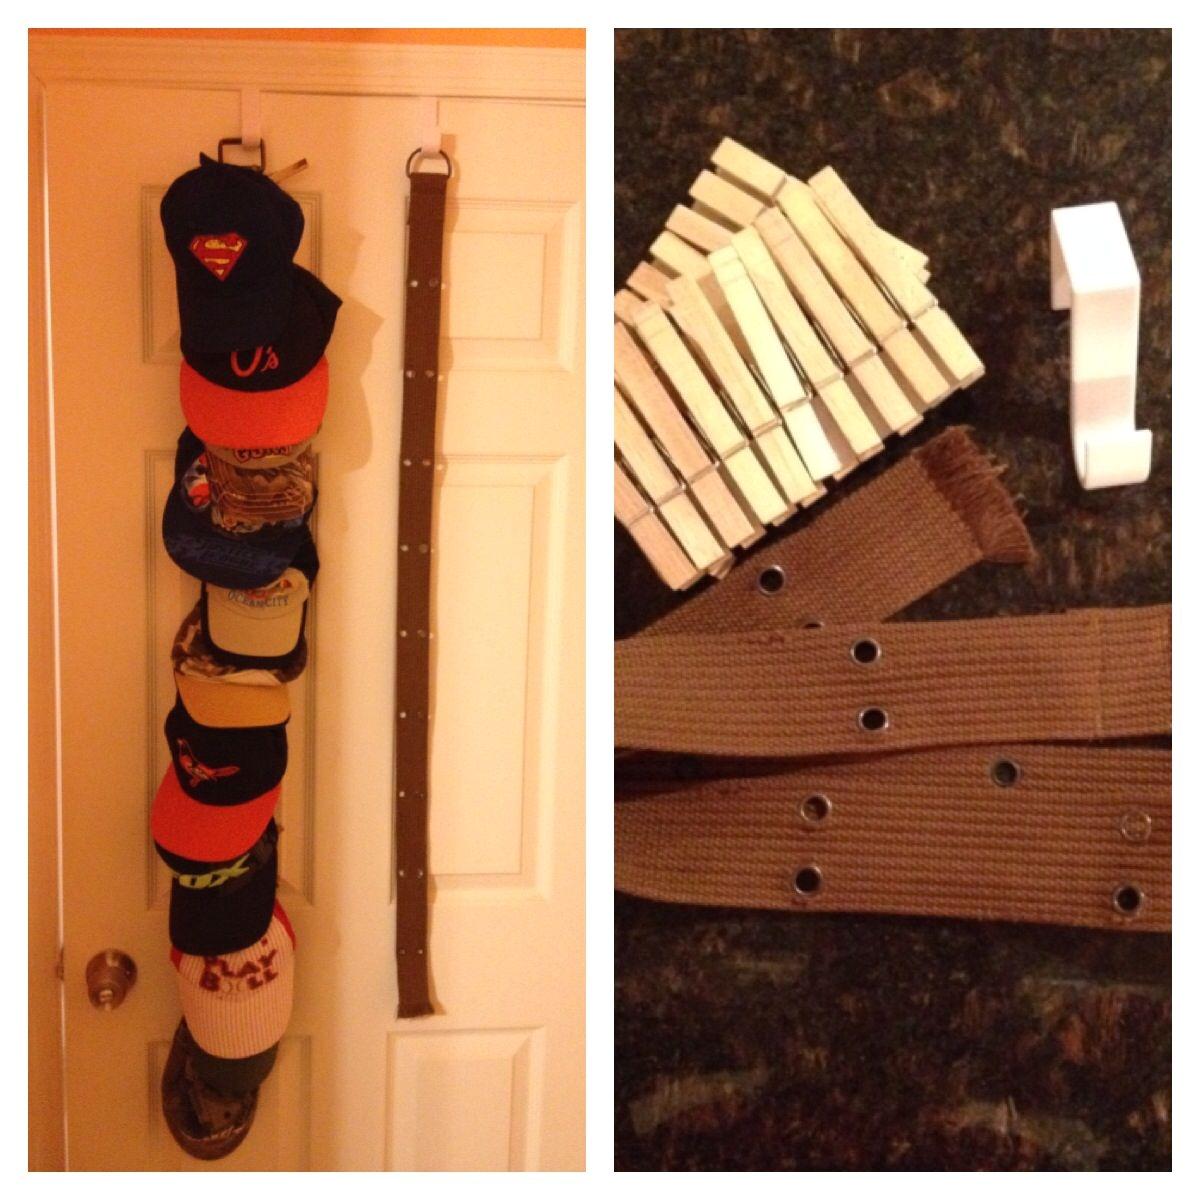 Over the Door Hat Rack Target Diy Over the Door Hat Rack I Recently Pinned something Similar